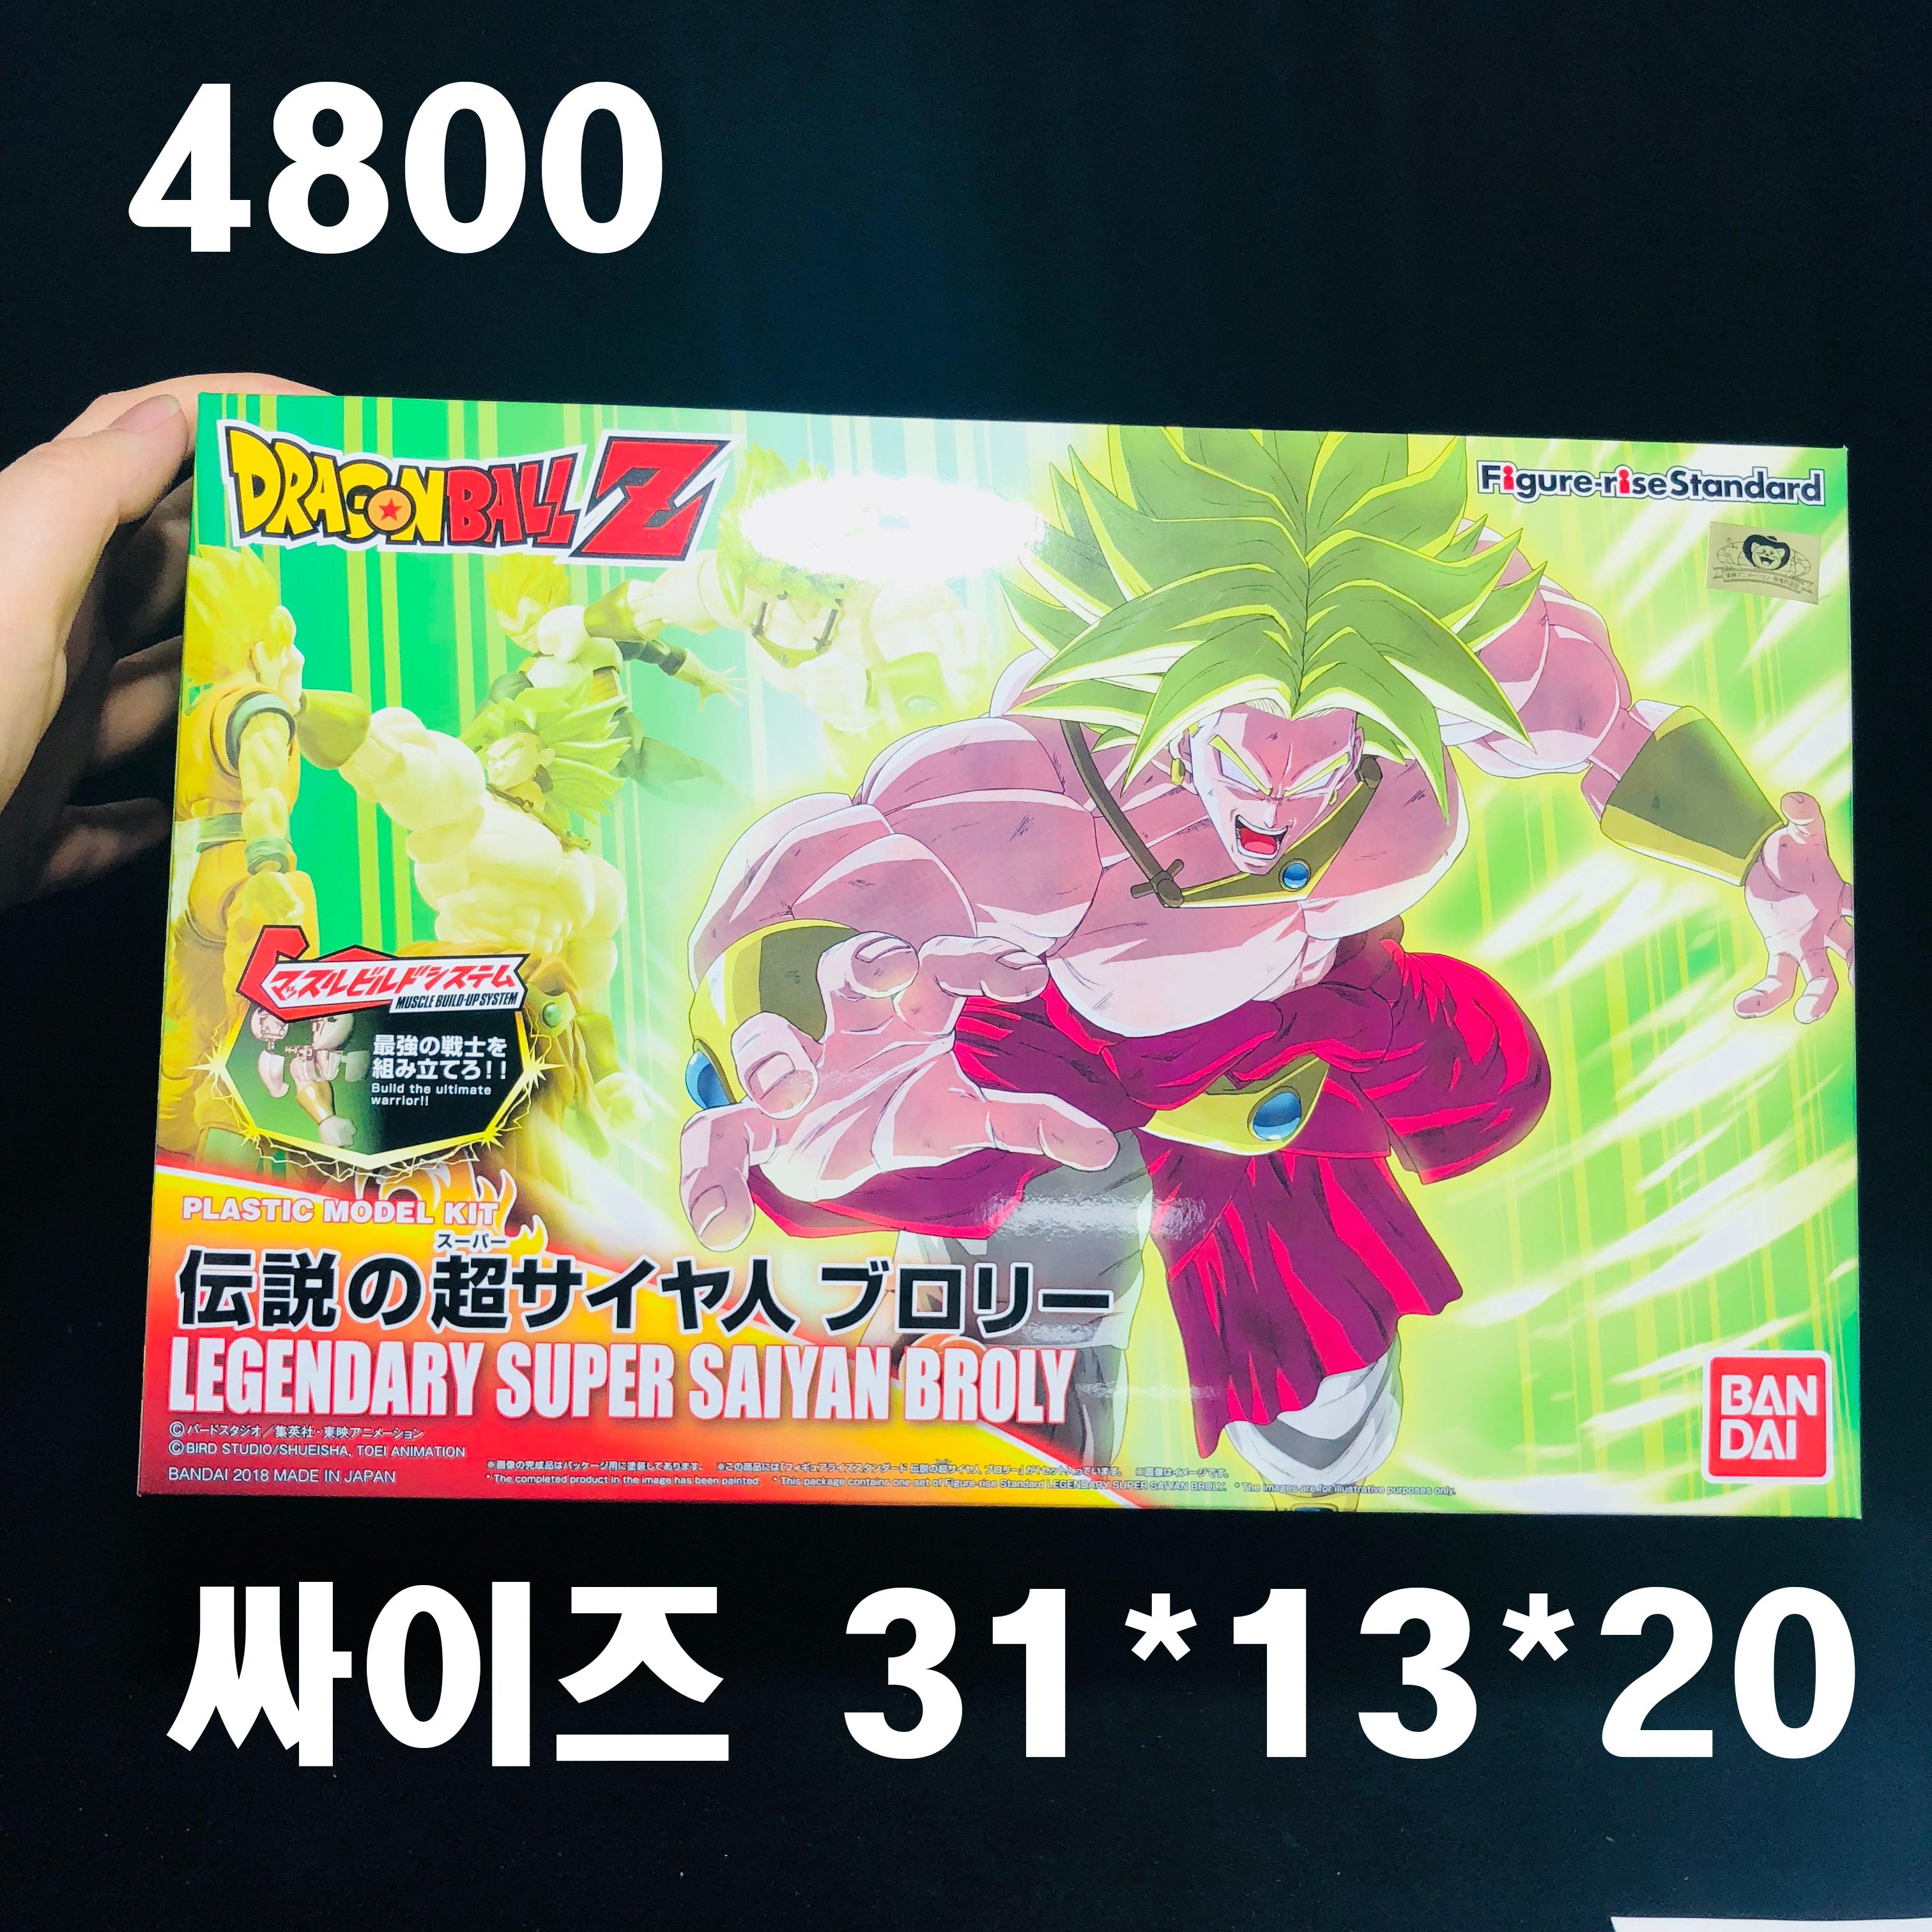 4800드레곤볼프라모델